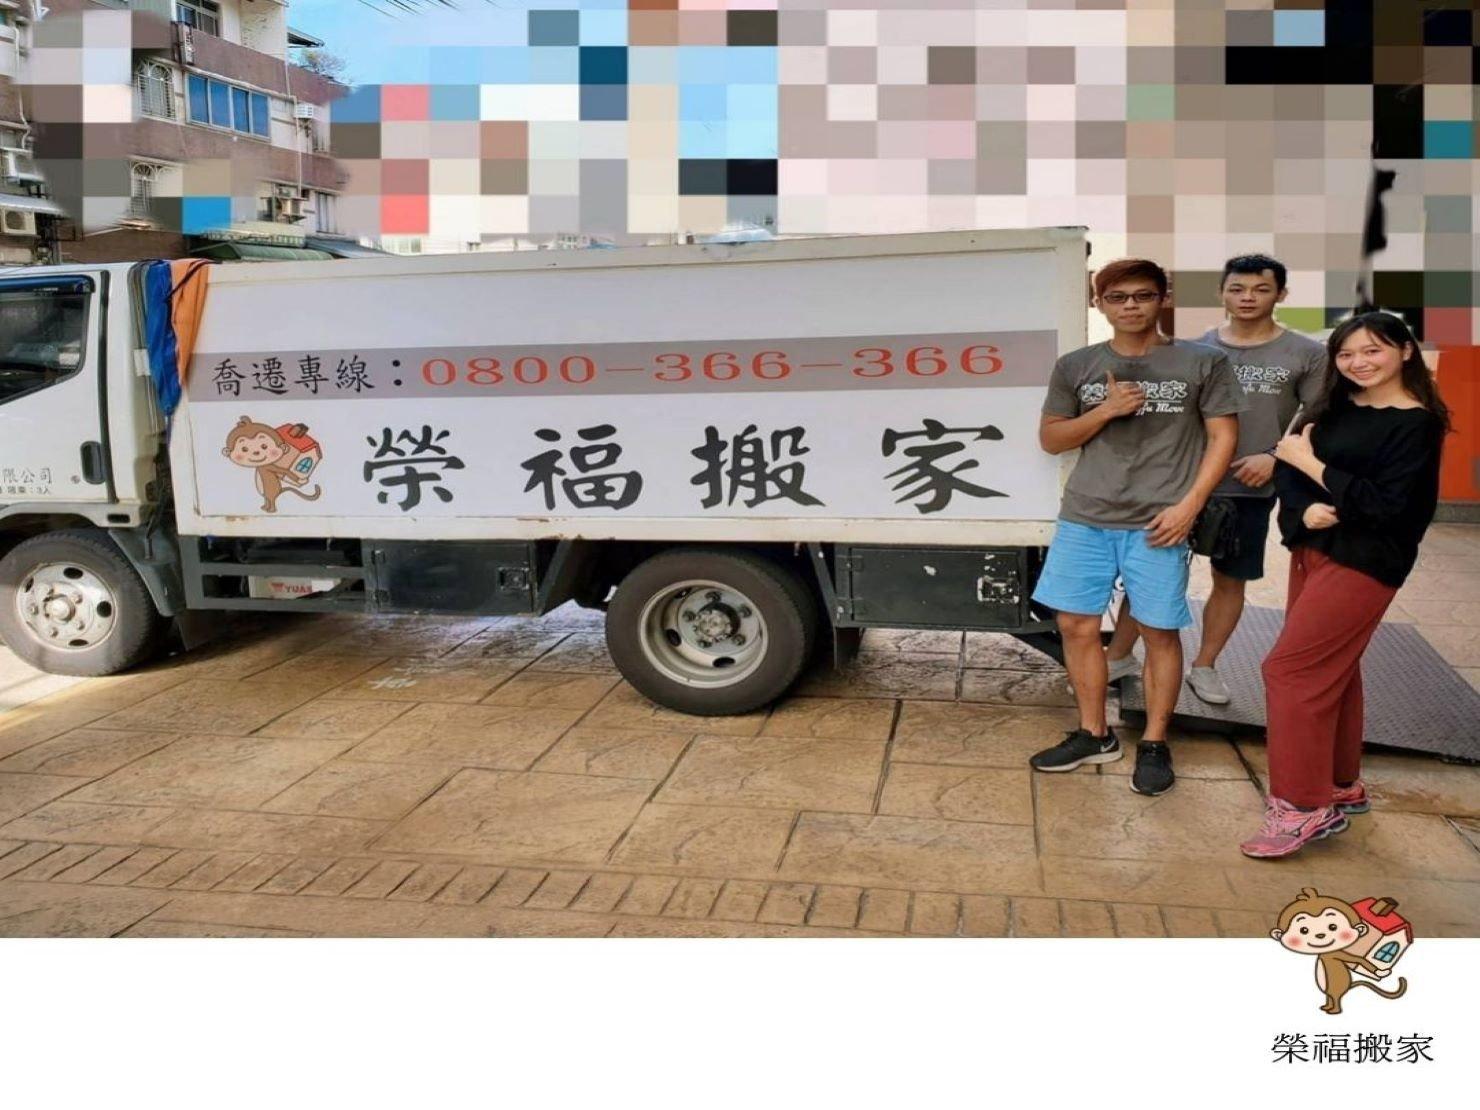 【桃園搬家實錄】顧客親自拍攝分享桃園搬家楊梅區域的搬家過程實例,榮福搬家的用心實在獲得好評推薦。